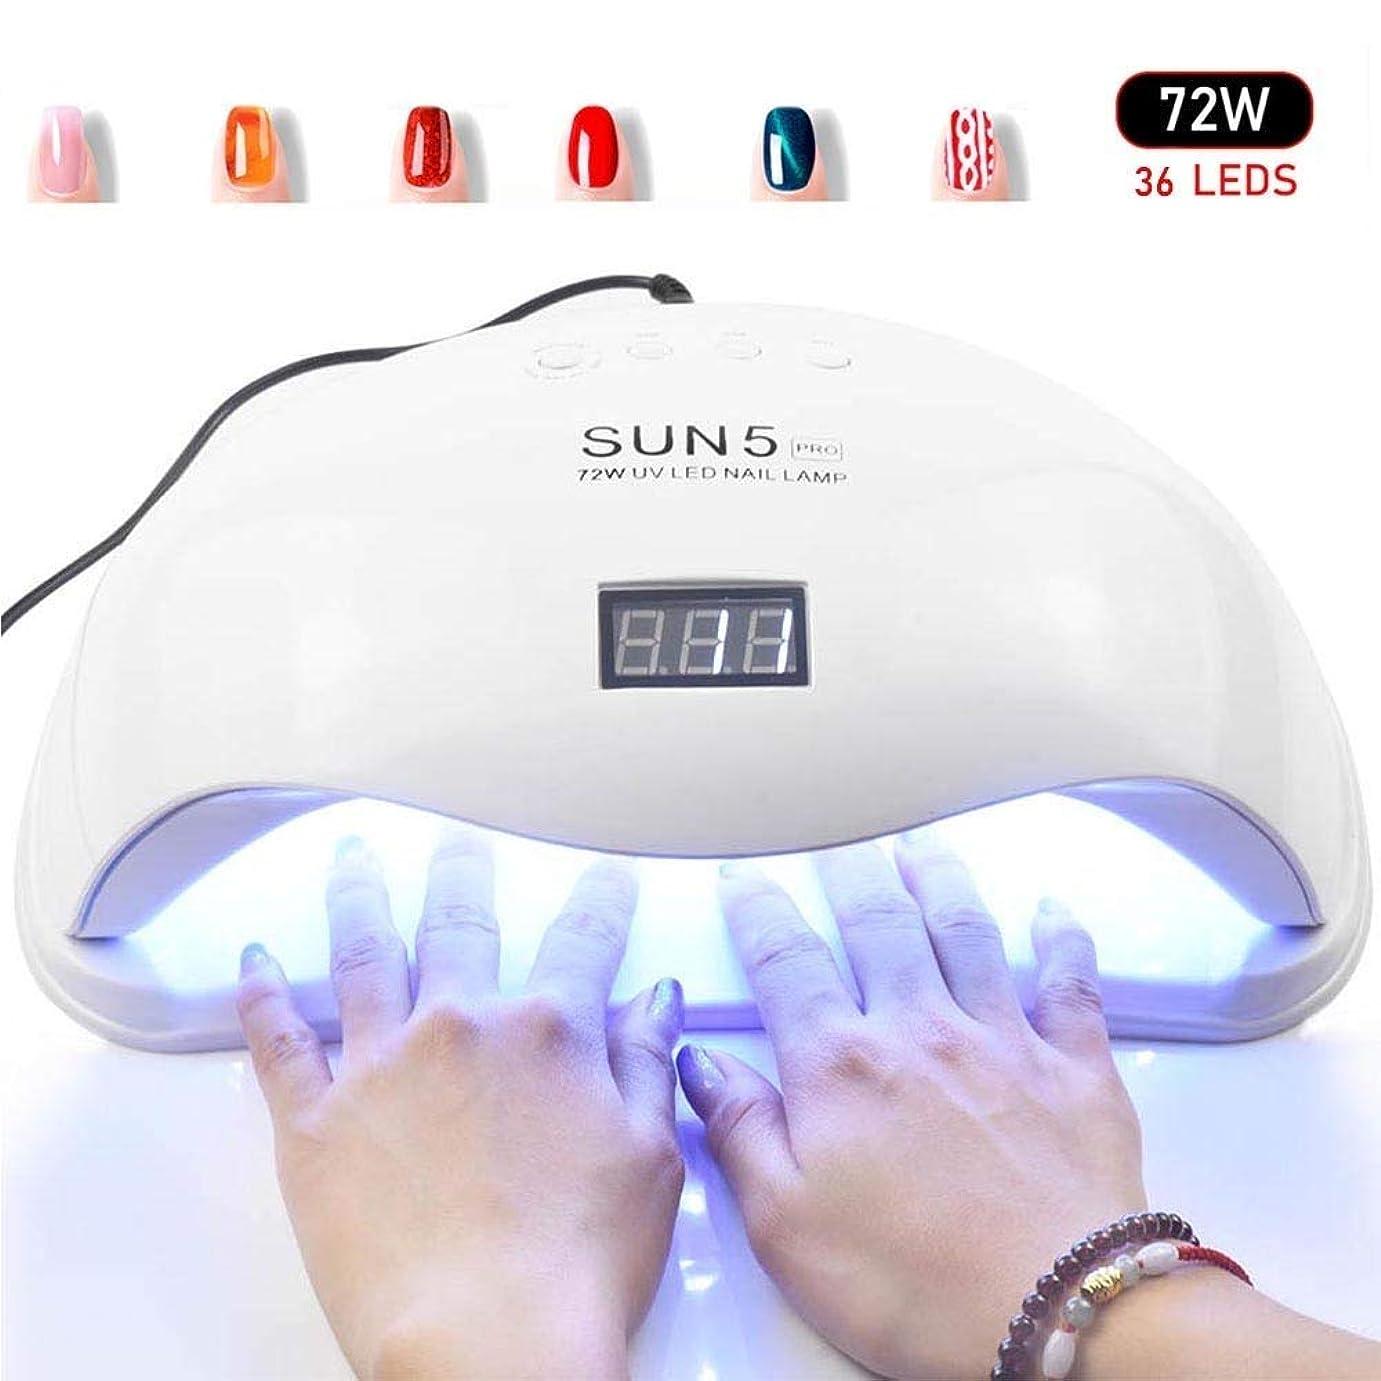 米ドル日焼け広大な72W UVライト LEDネイルランプ LED ネイルドライヤー 赤外線センシング 10/30 / 60s/99sタイマー設定 速乾 UVライトネイルポリッシュ用 (72W)